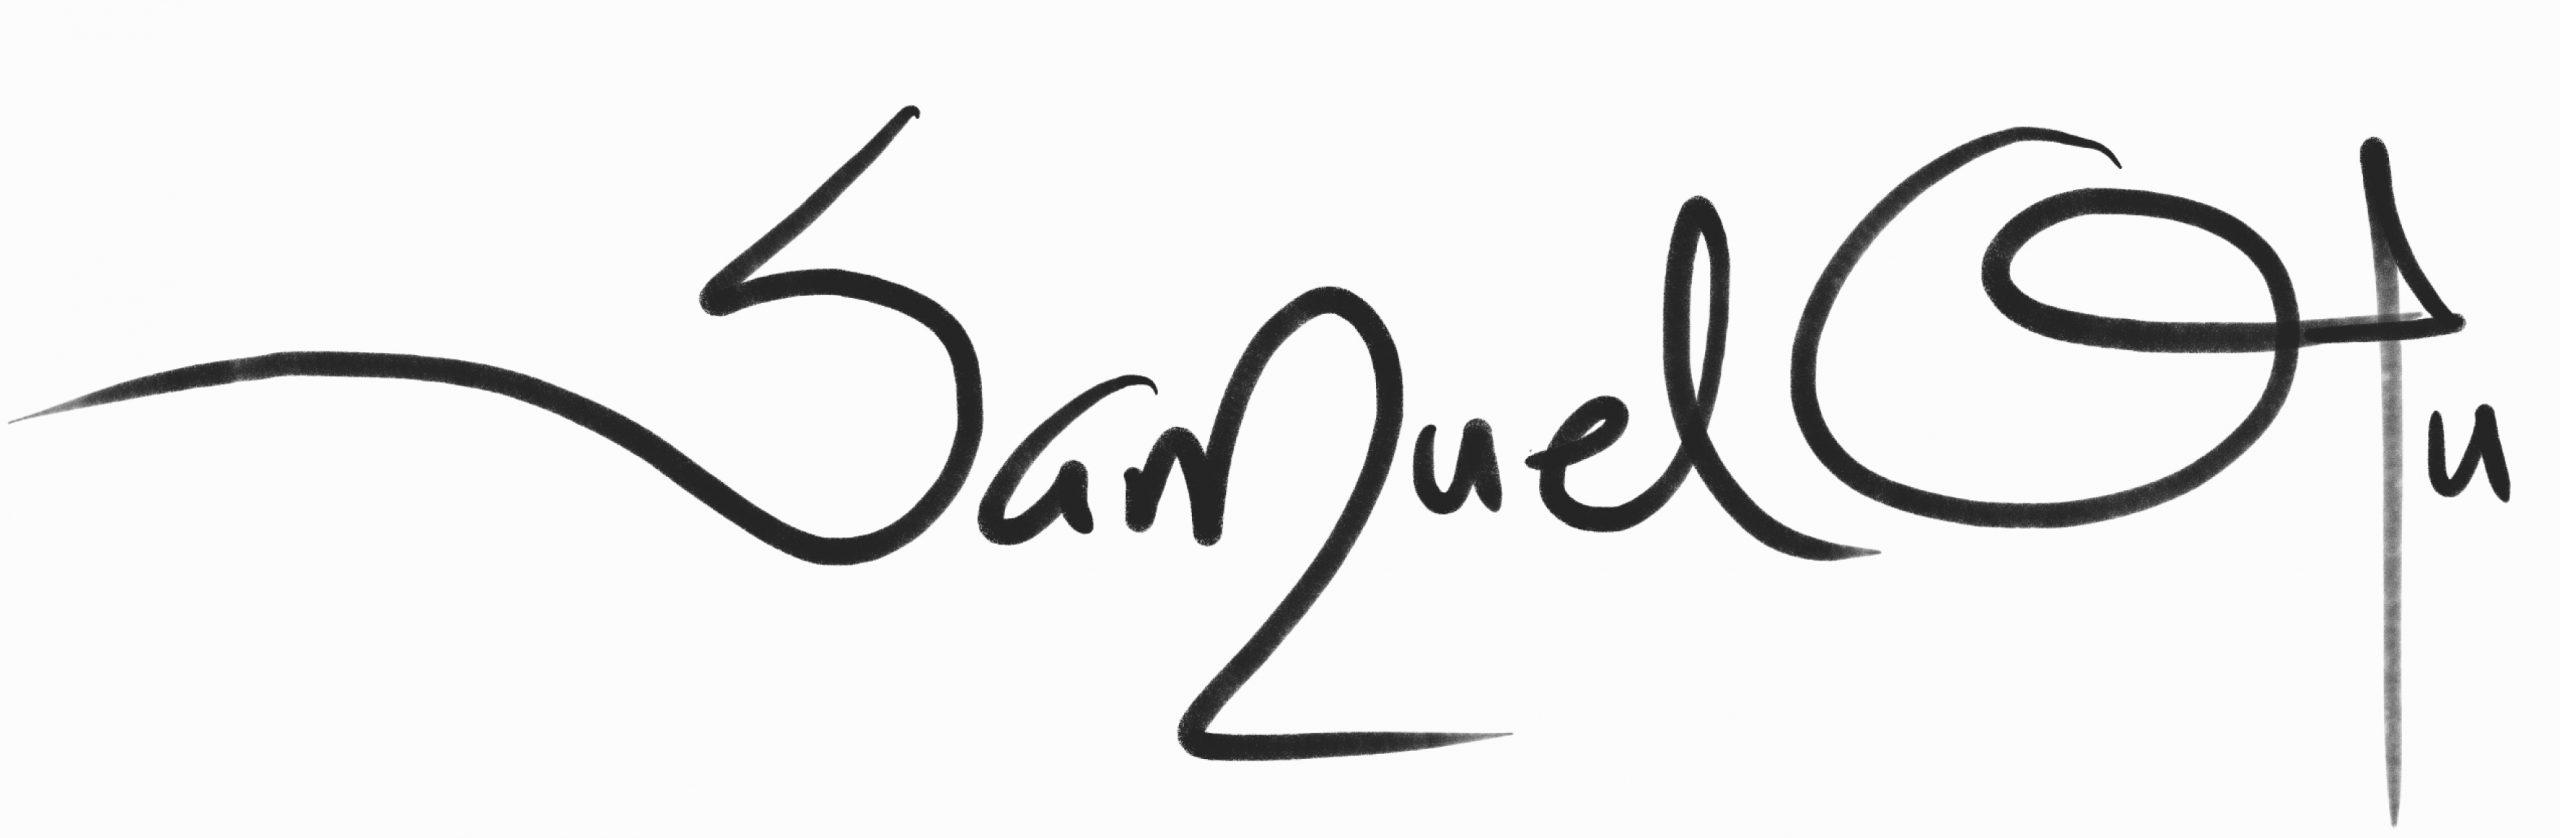 Samuelotuart.com